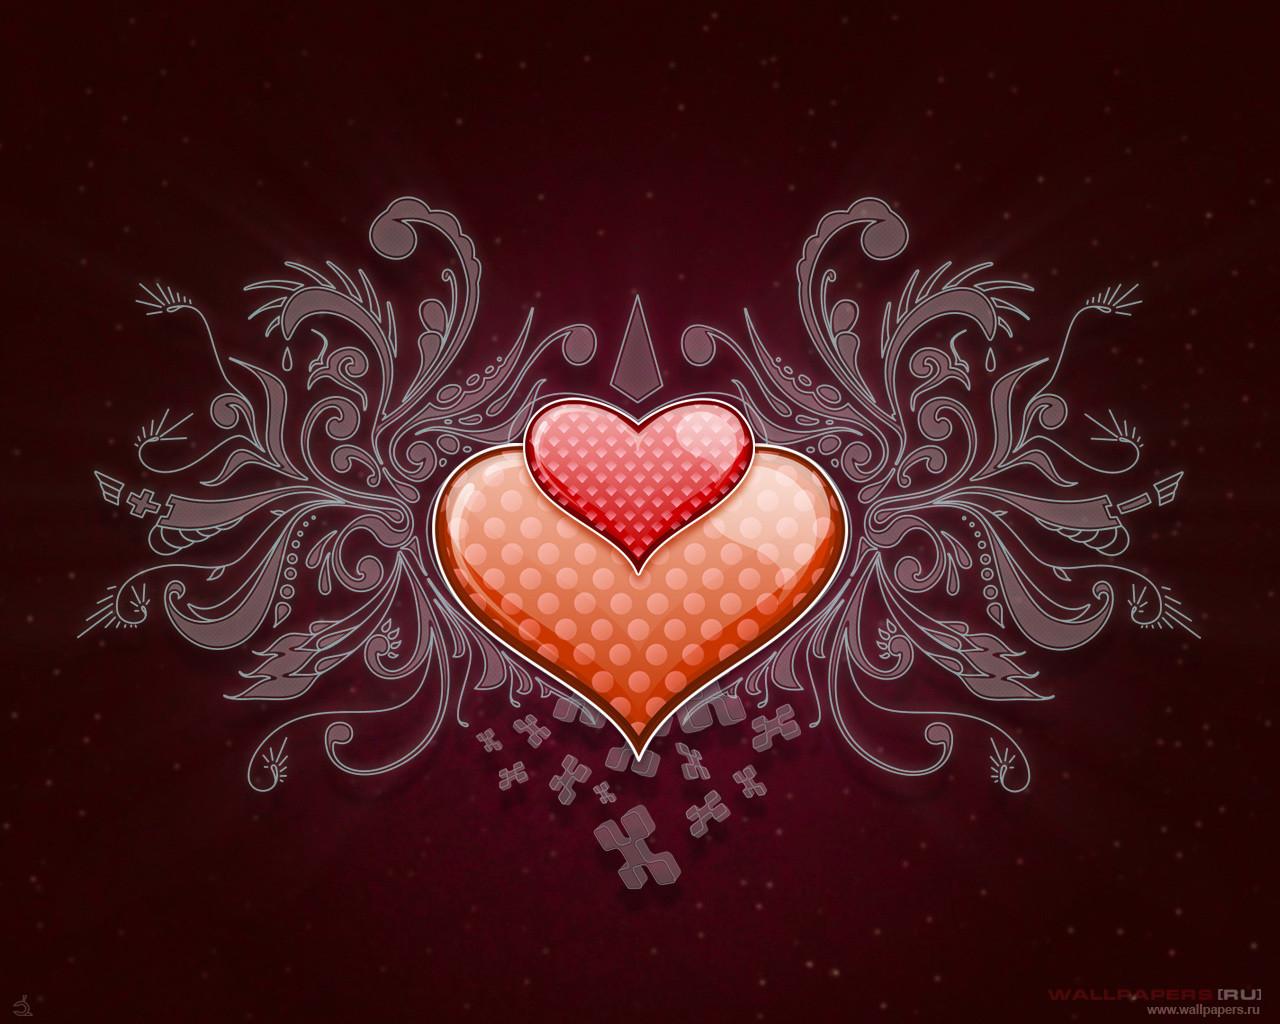 http://1.bp.blogspot.com/-vncVTqmGh-I/Swk7PcVOw4I/AAAAAAAAAac/57sb3Ivj32g/s1600/SUPER+-+HEART.jpg